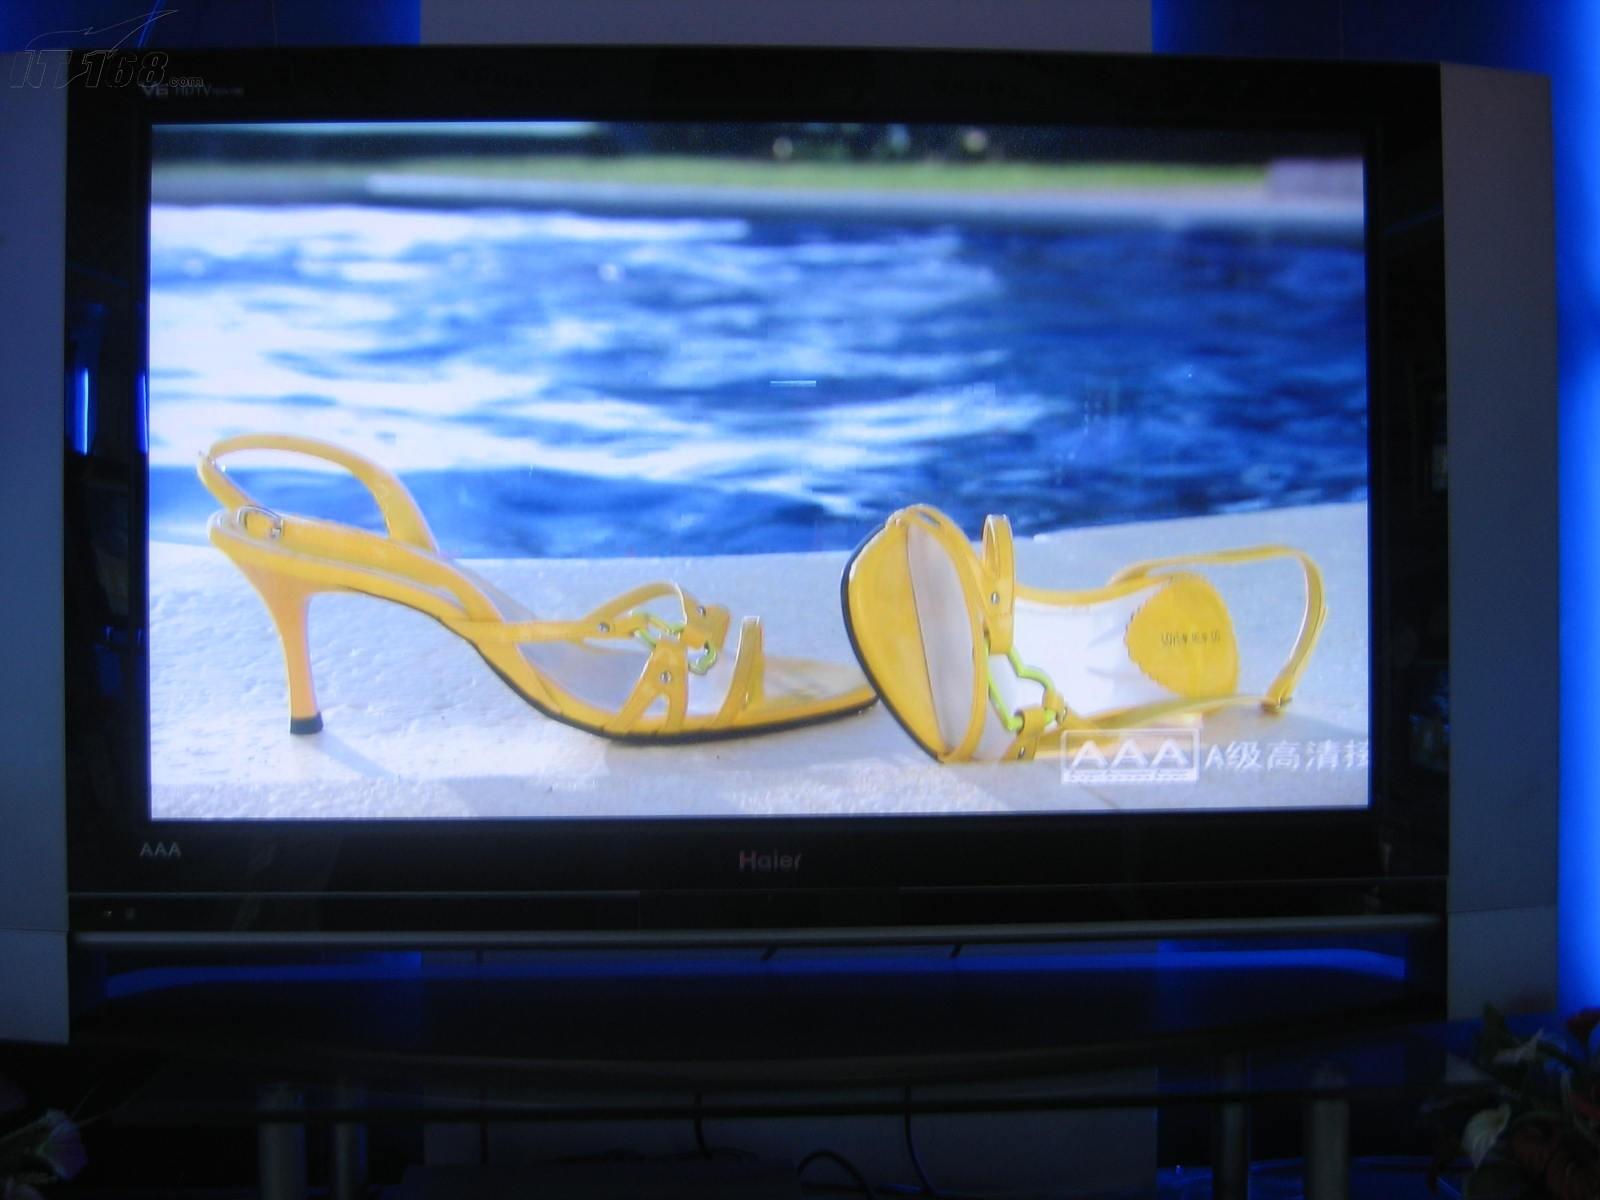 海尔l37v6-a8k液晶电视产品图片2